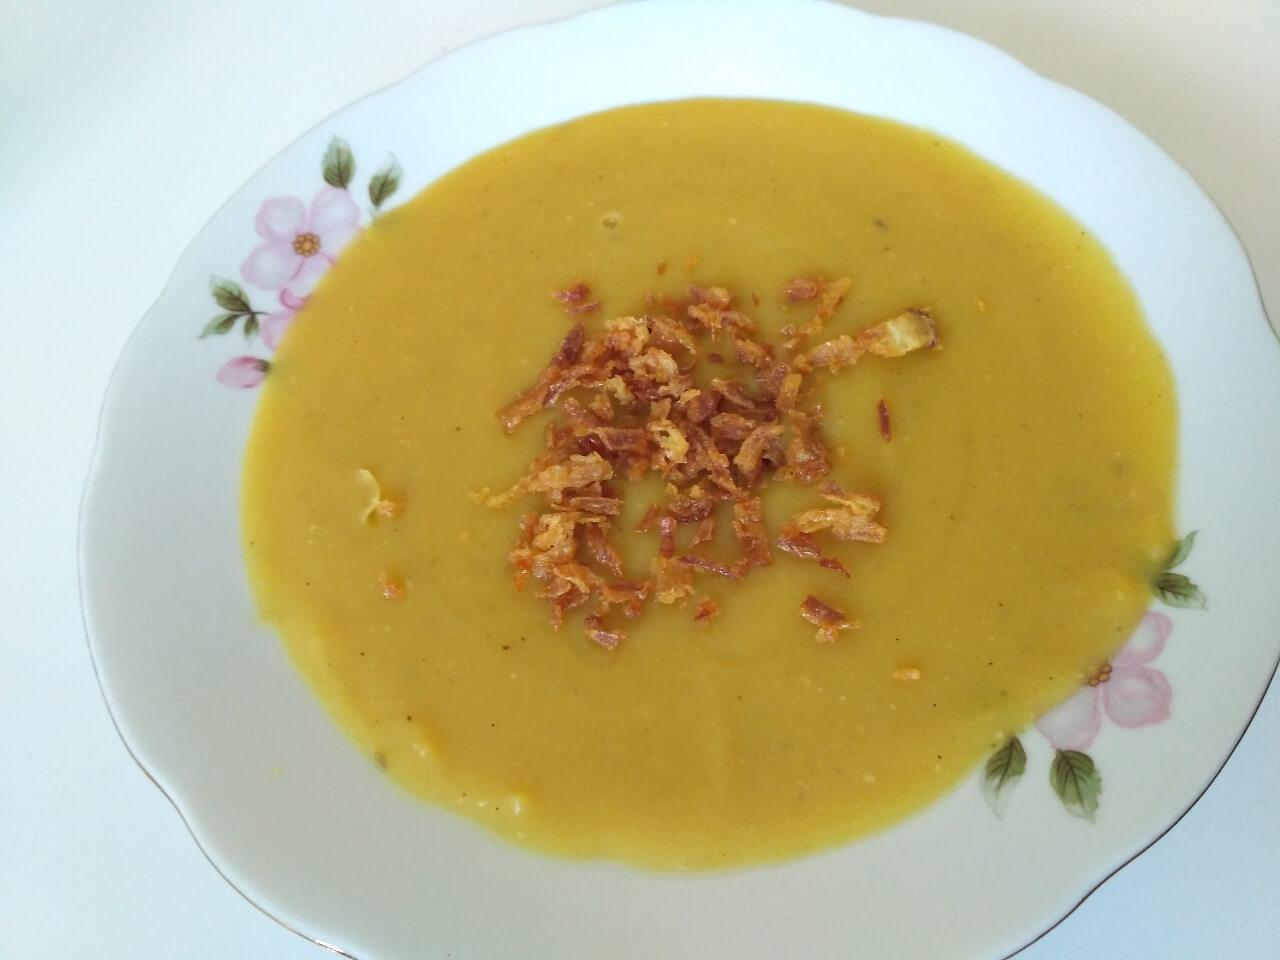 Hrachová polievka zo žltého suchého hrachu